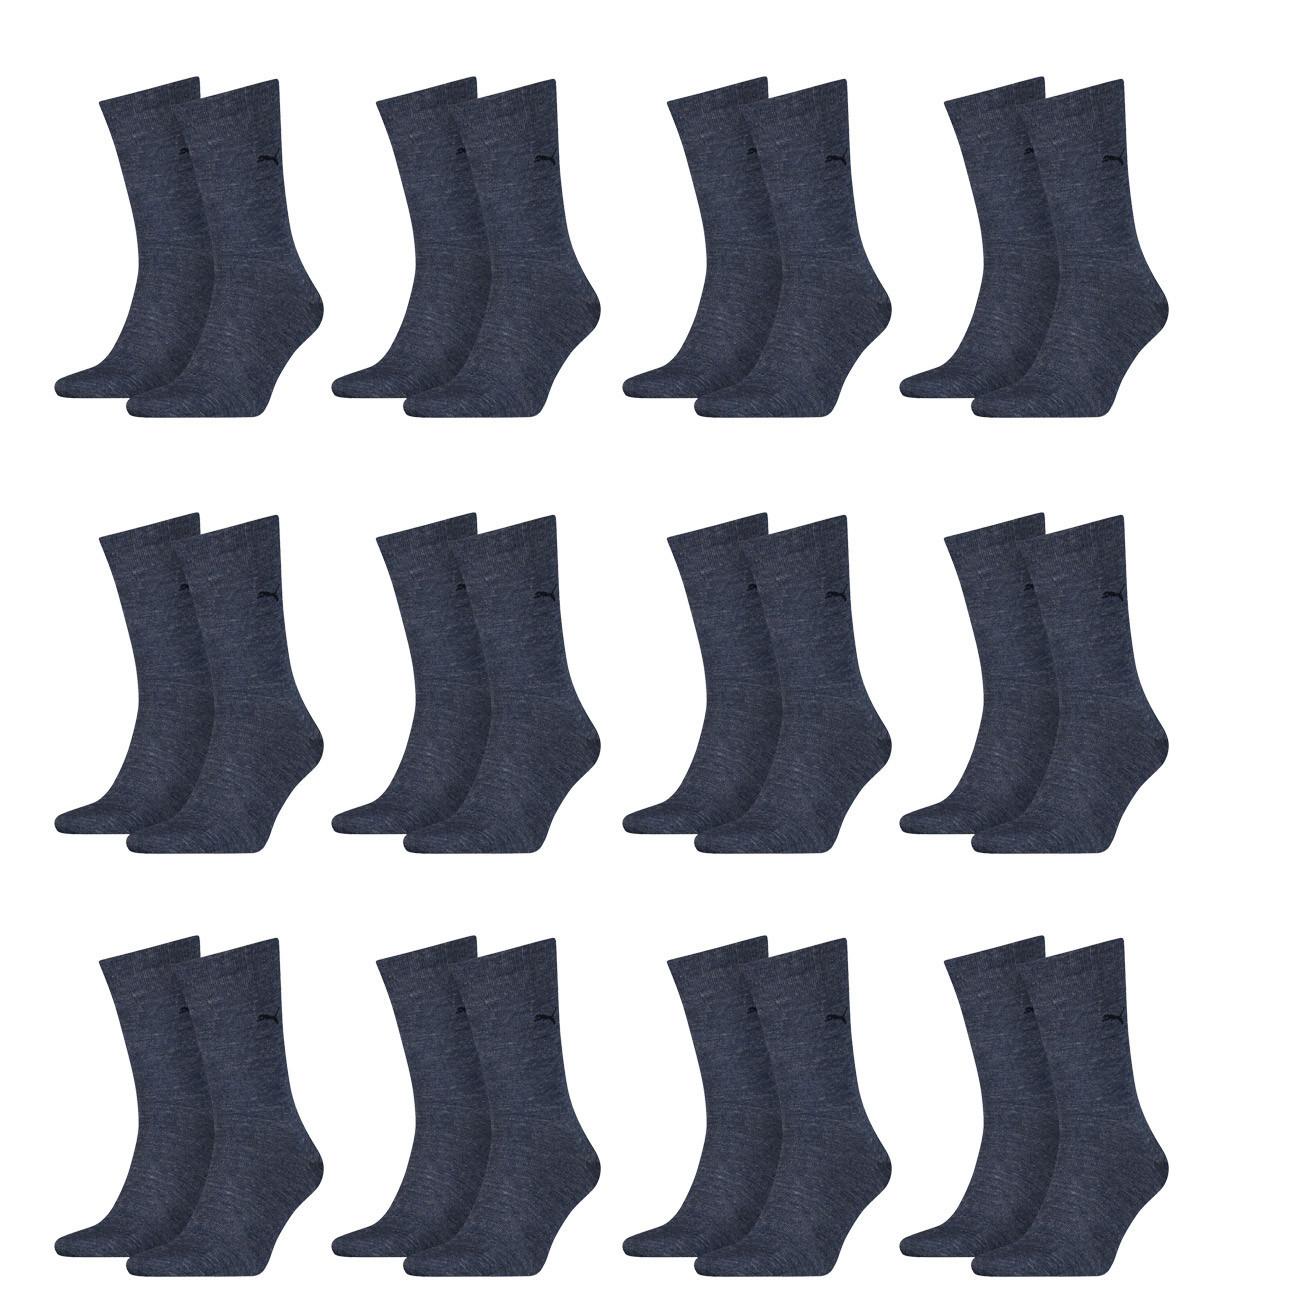 PUMA Herren Casual Socken Classic 12er Pack + 1 Paar Dailysoxx